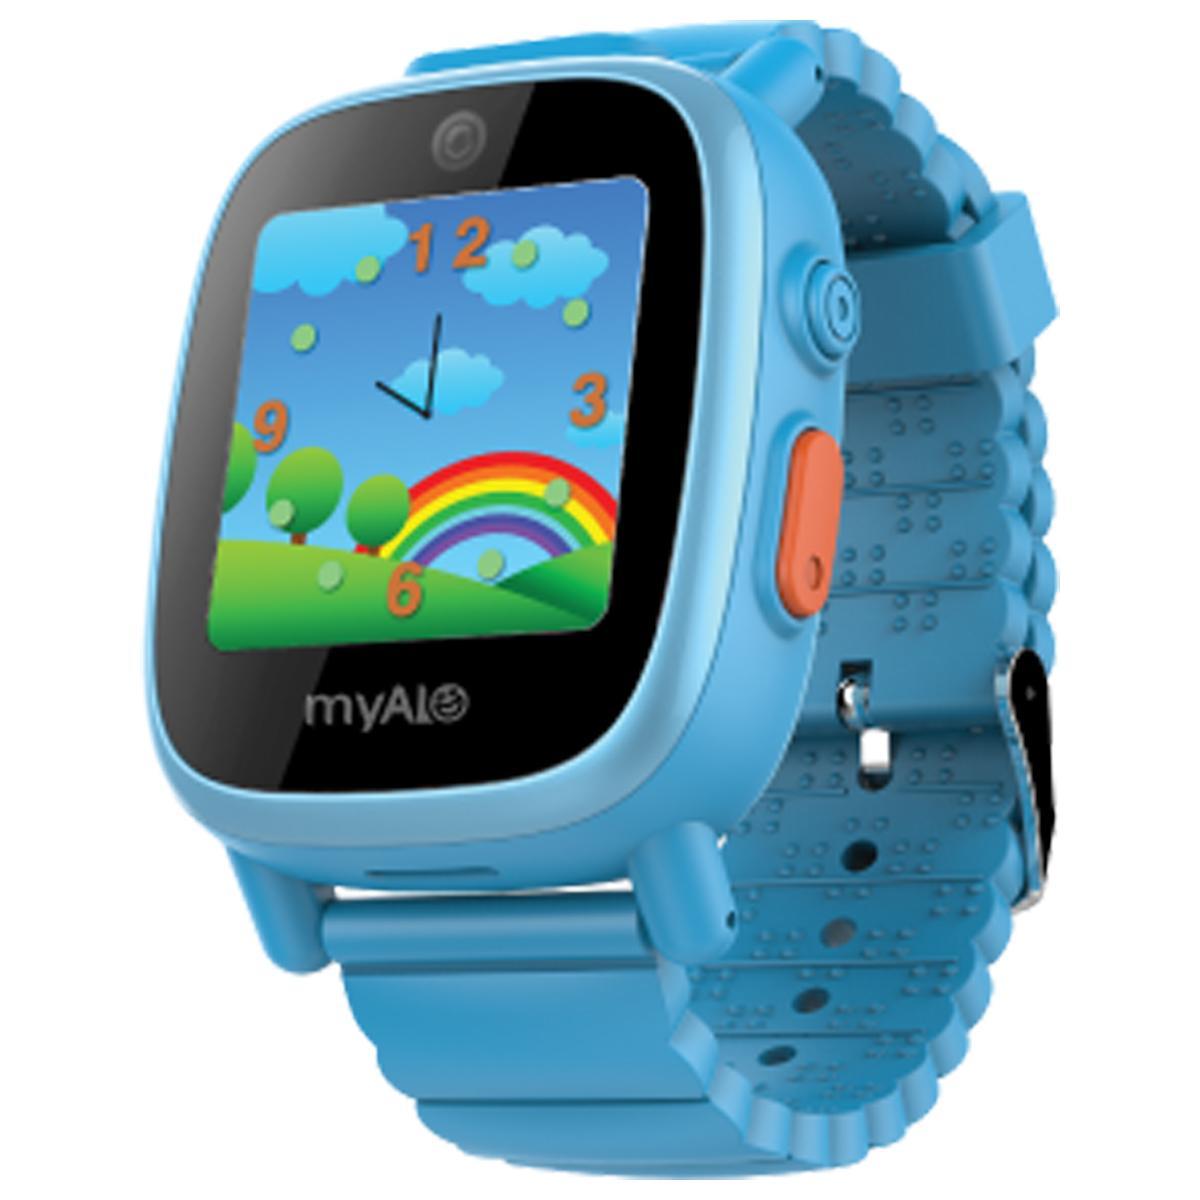 Đồng hồ thông minh định vị trẻ em myAlo KS72C màu xanh